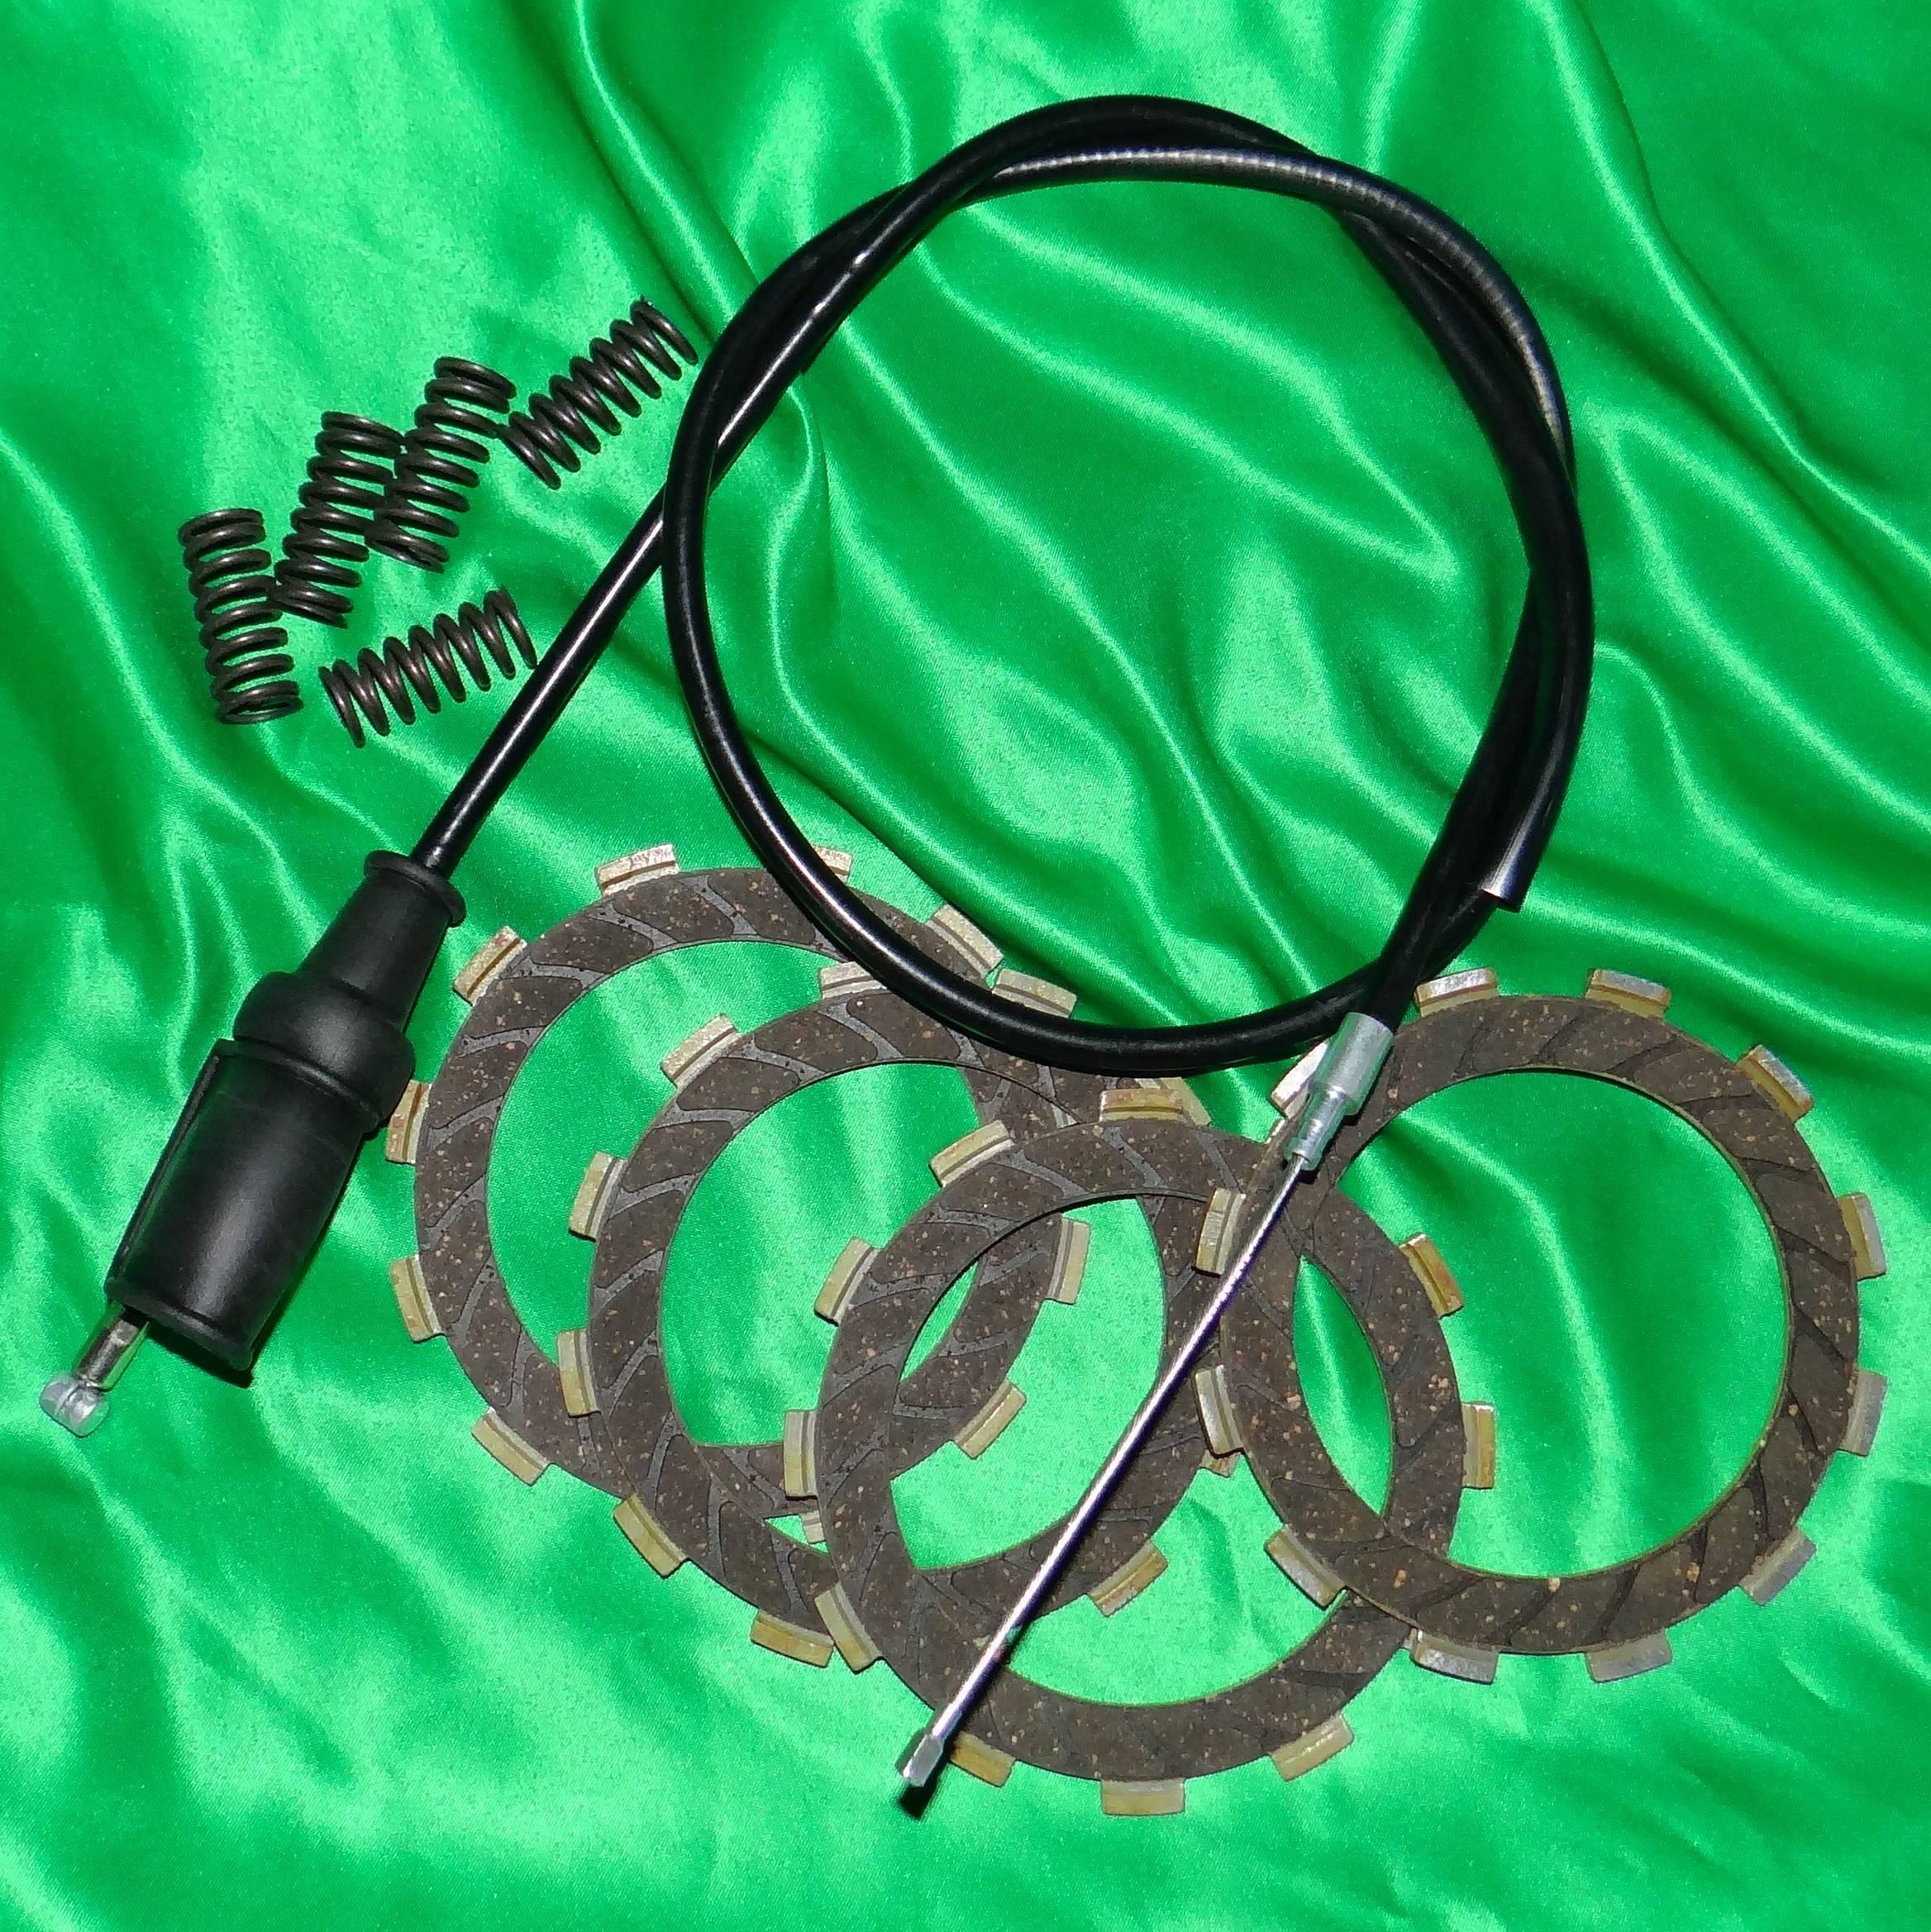 Disque d'embrayage, ressort, cable d'embrayage,... pour BETA 2 temps